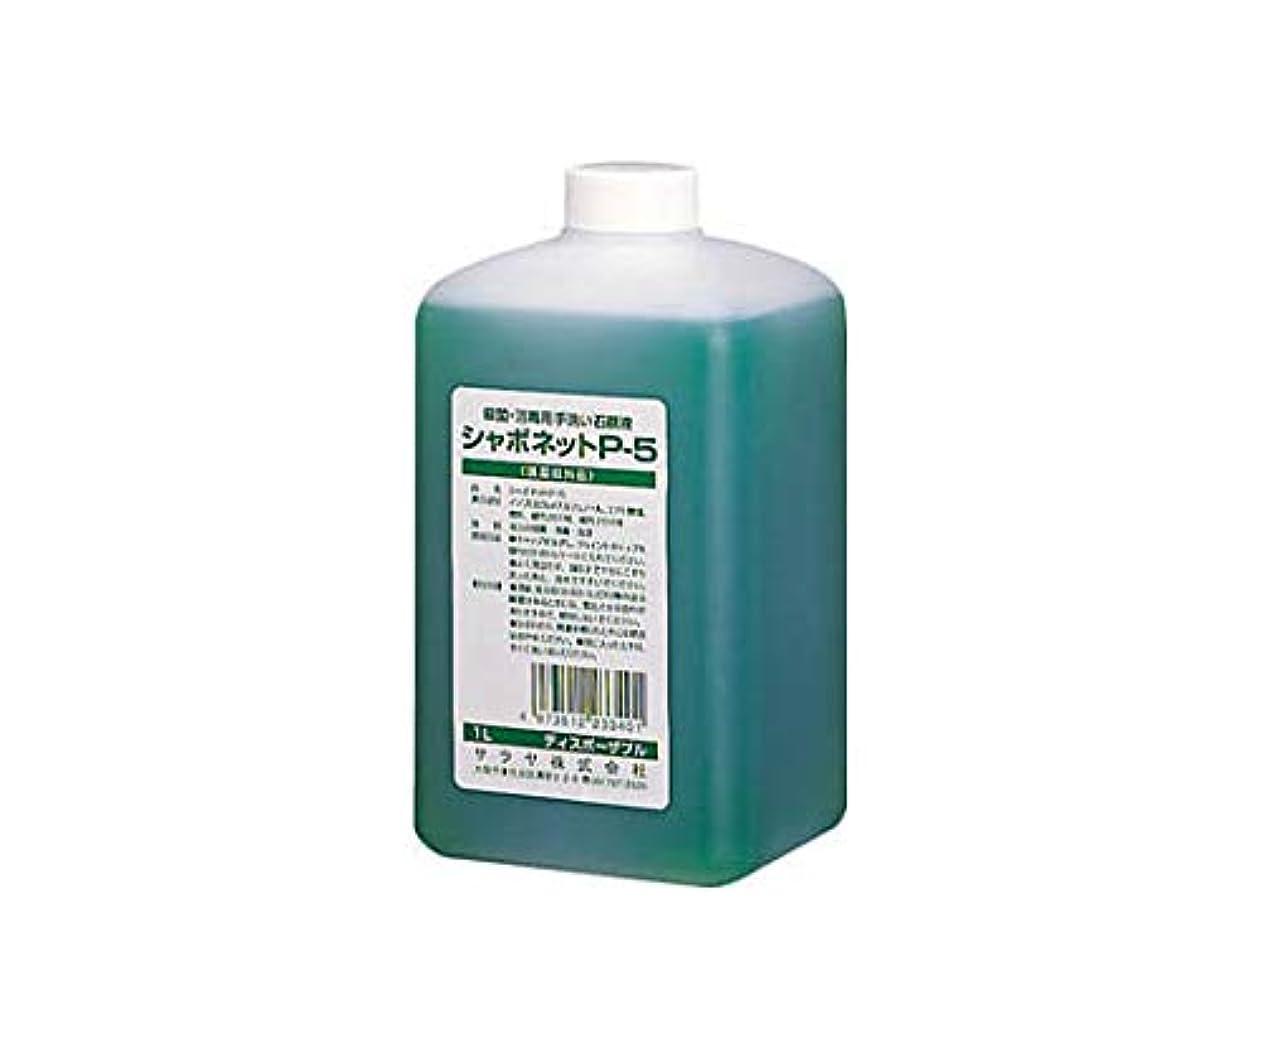 実験をする不規則なビルダーサラヤ 手洗い用石けん液 P-5 1L機器用